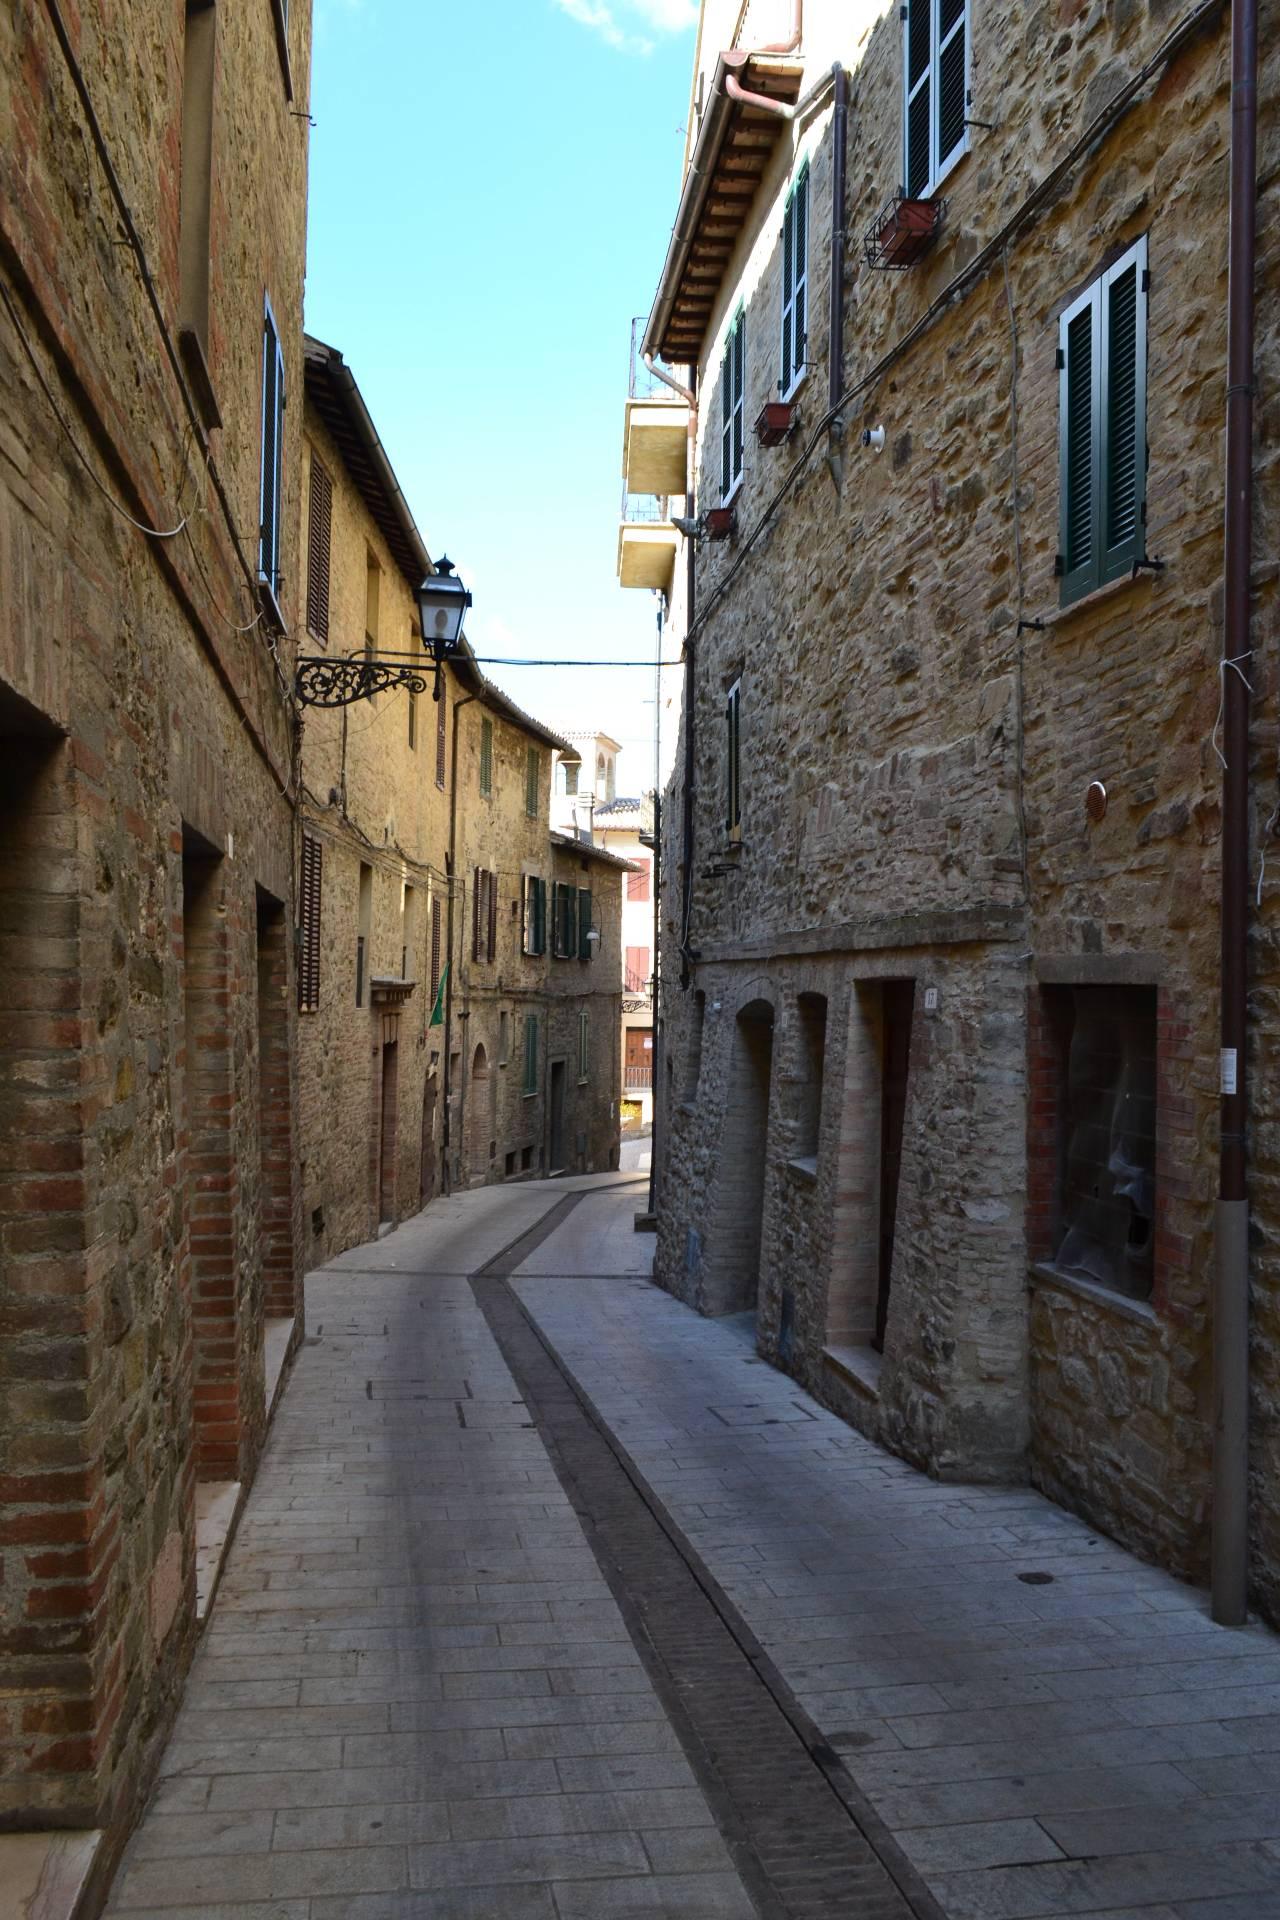 Appartamento in vendita a Gualdo Cattaneo, 1 locali, prezzo € 19.000 | Cambio Casa.it